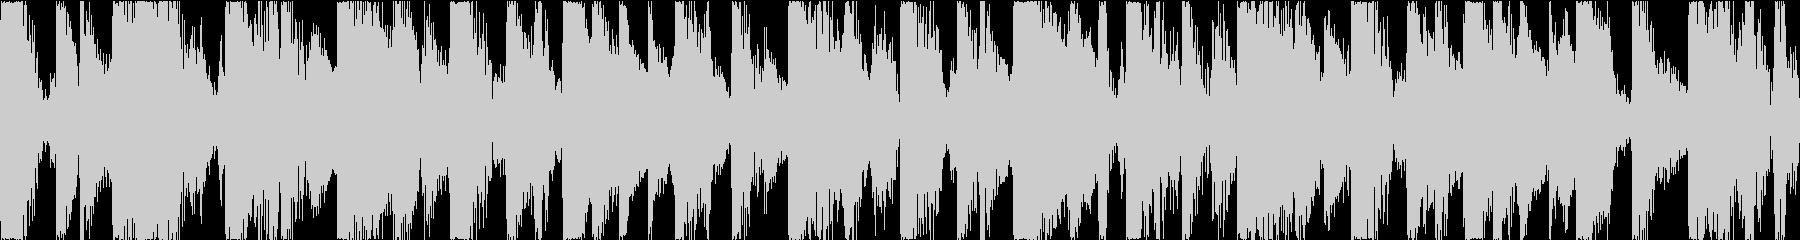 BGM07 クラビネット 10秒ループの未再生の波形